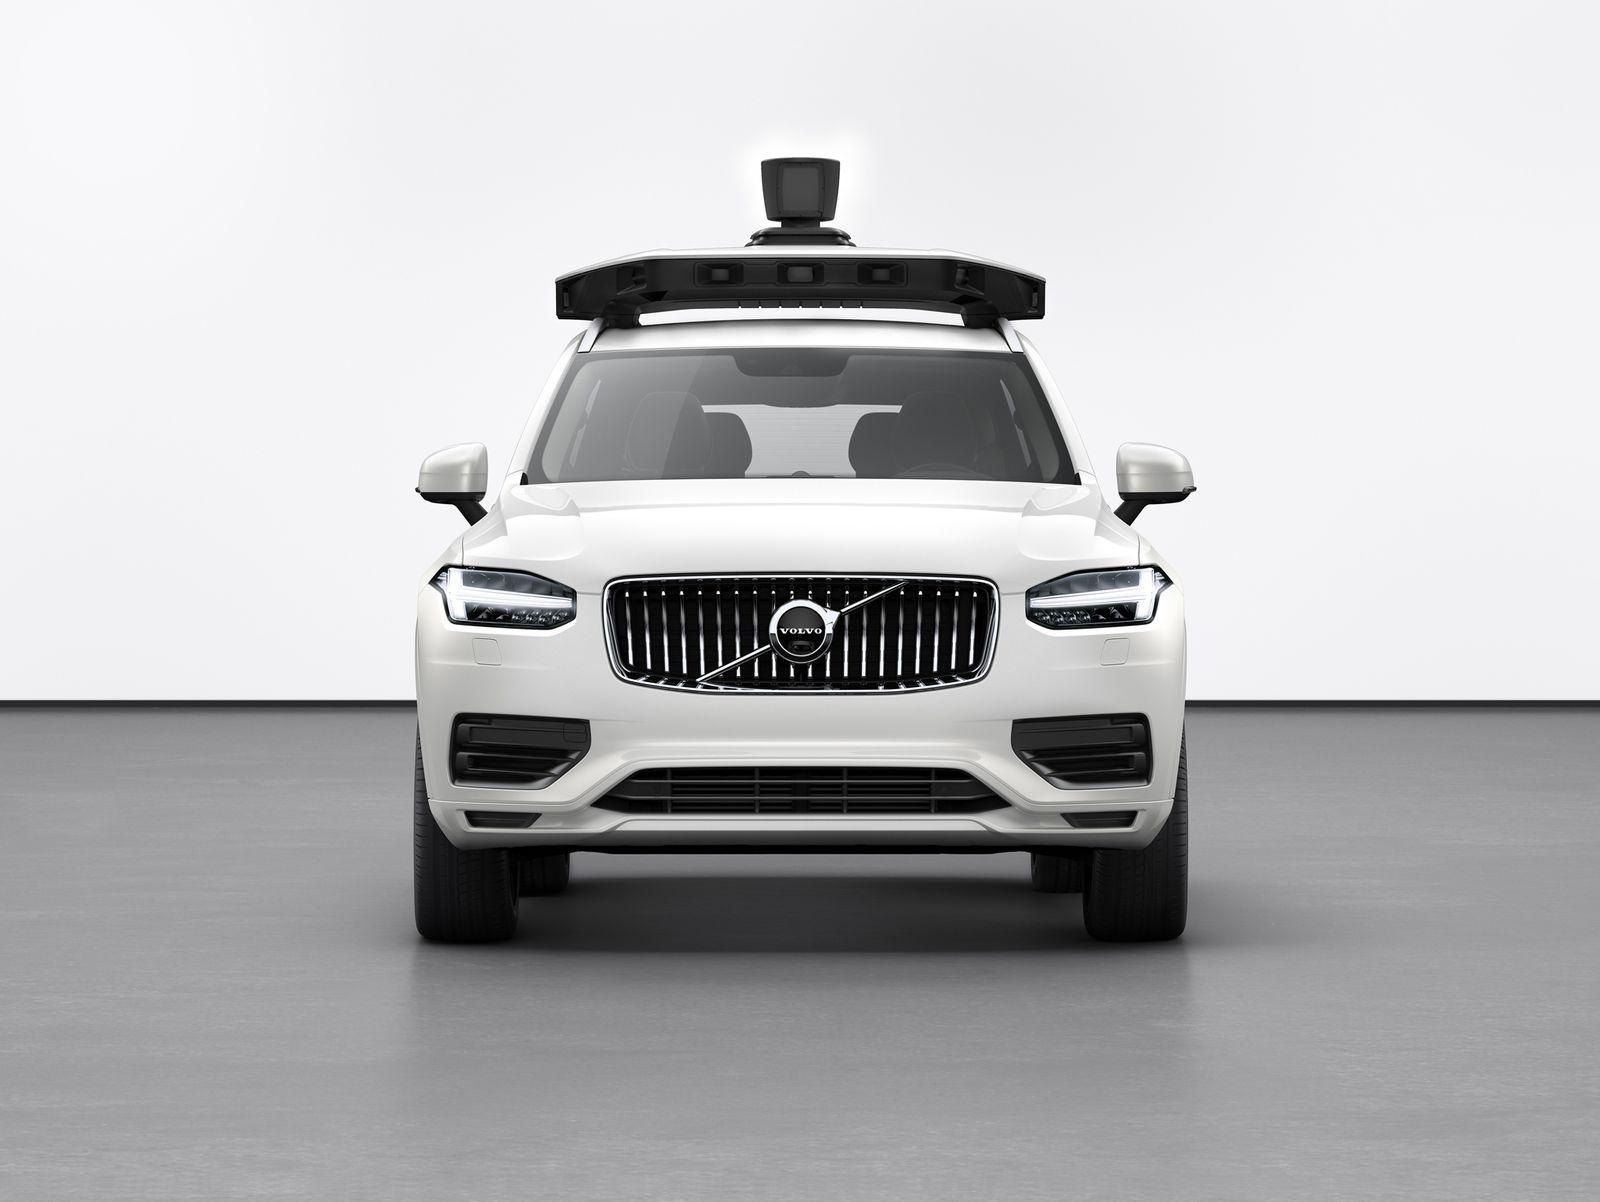 Uber 仍在使用 Waymo 技术,或被迫签署授权协议